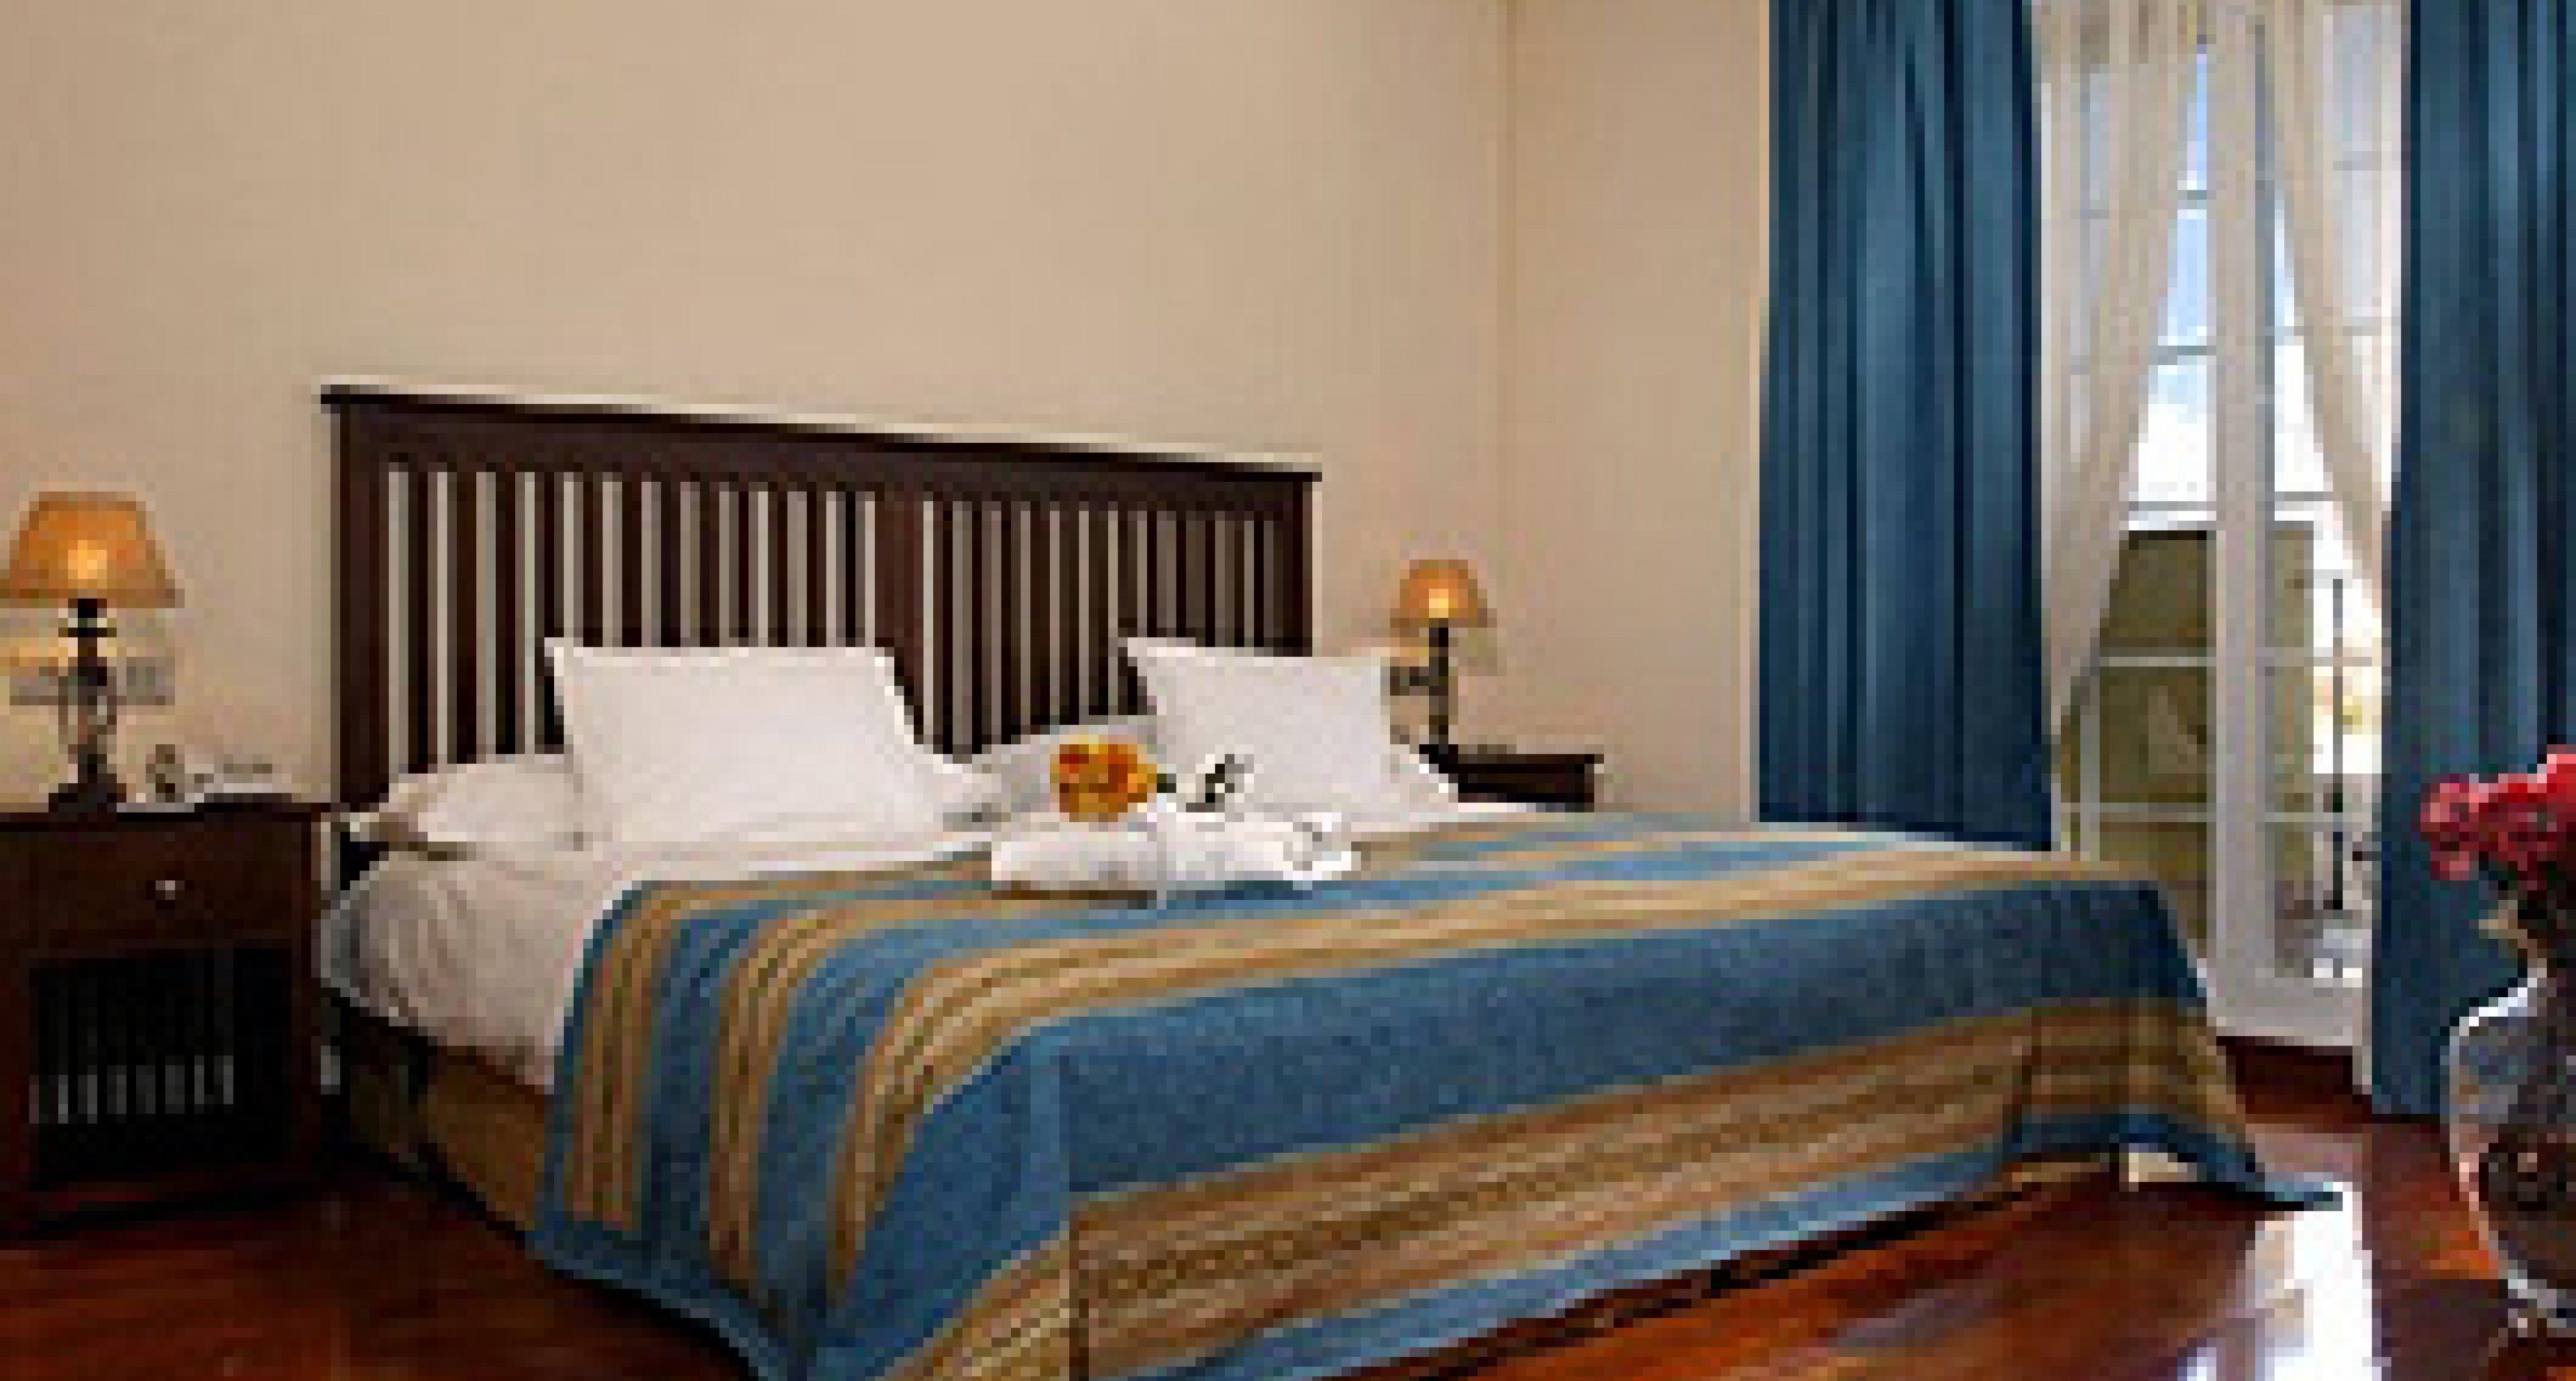 Grand Hotel Palmera Plaza: Erlebnistrip für Automobil-Enthusiasten